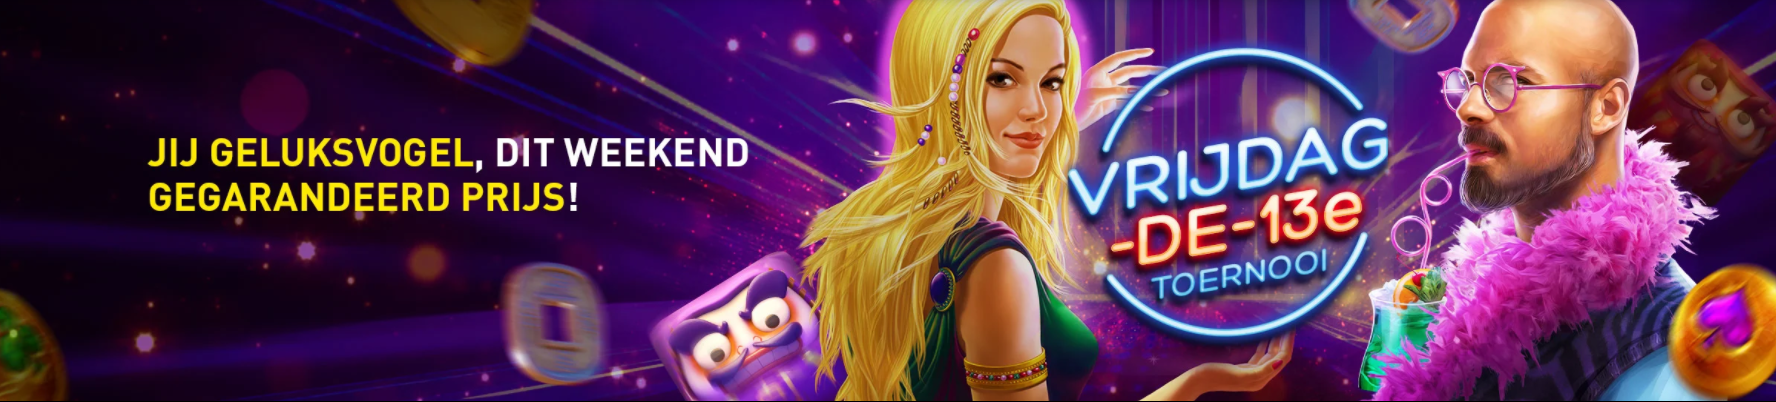 Vrijdag 13e toernooi van Casino 777